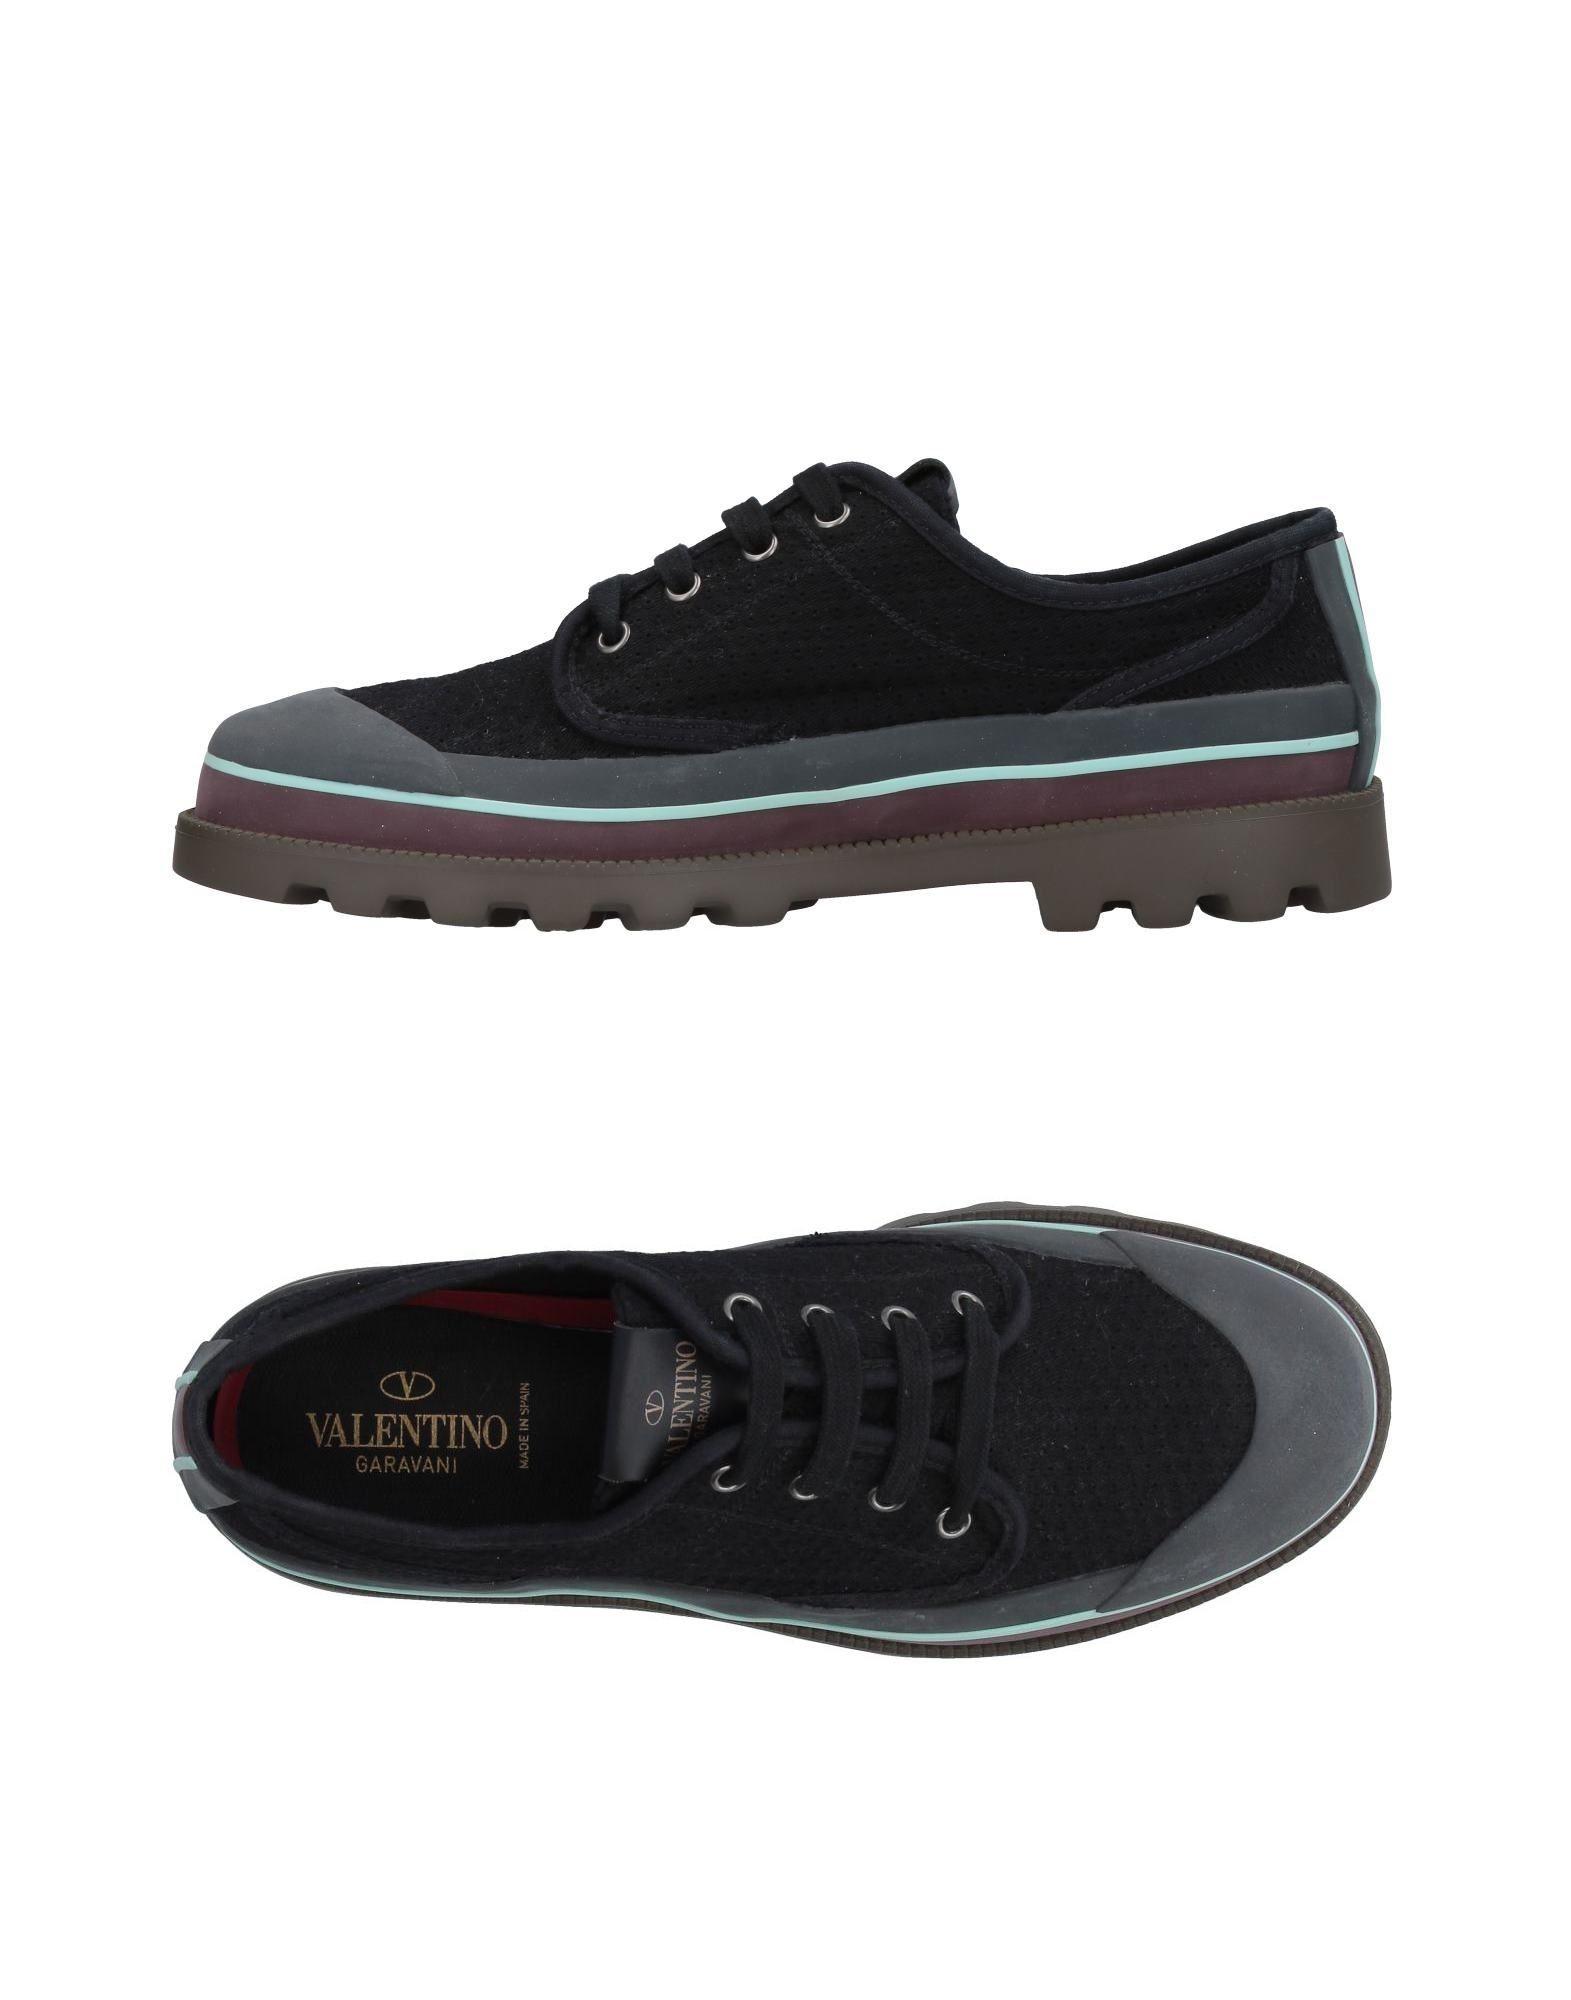 Valentino Garavani Sneakers Herren  11414959JX Gute Qualität beliebte Schuhe